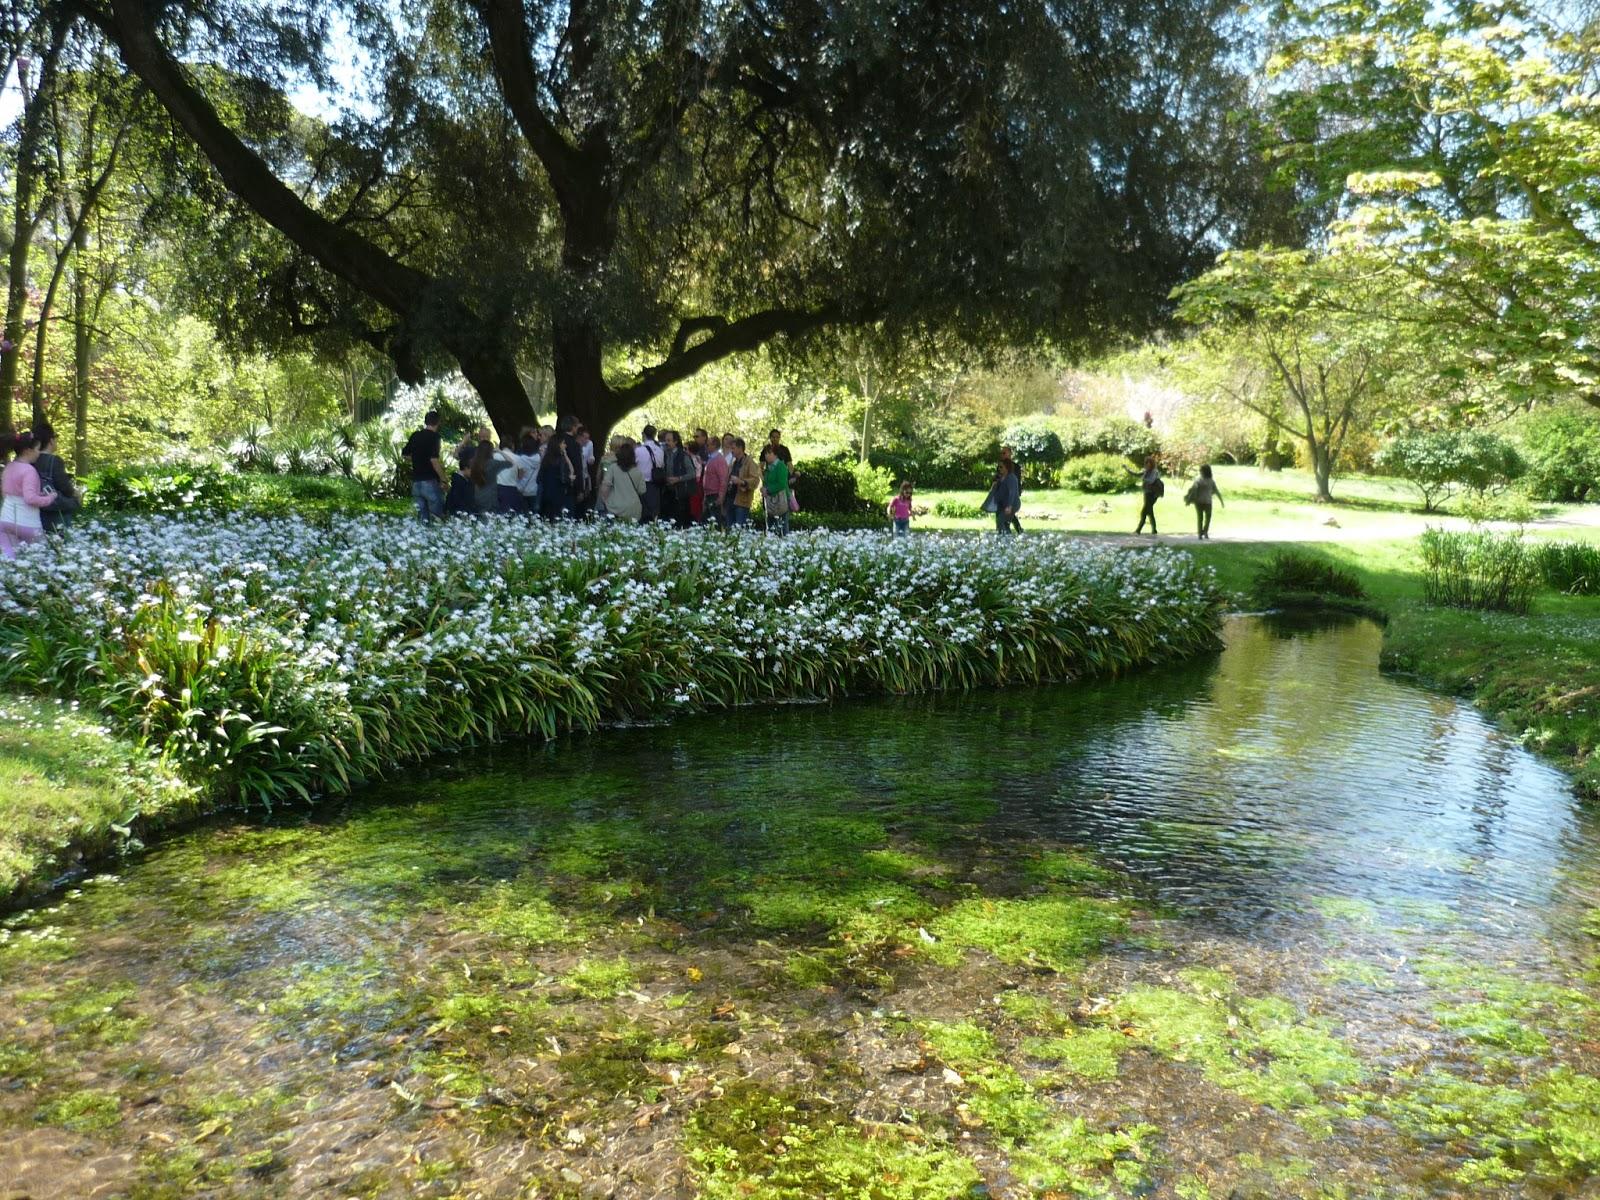 Divagazioni i giardini di ninfa for Laghetti nei giardini